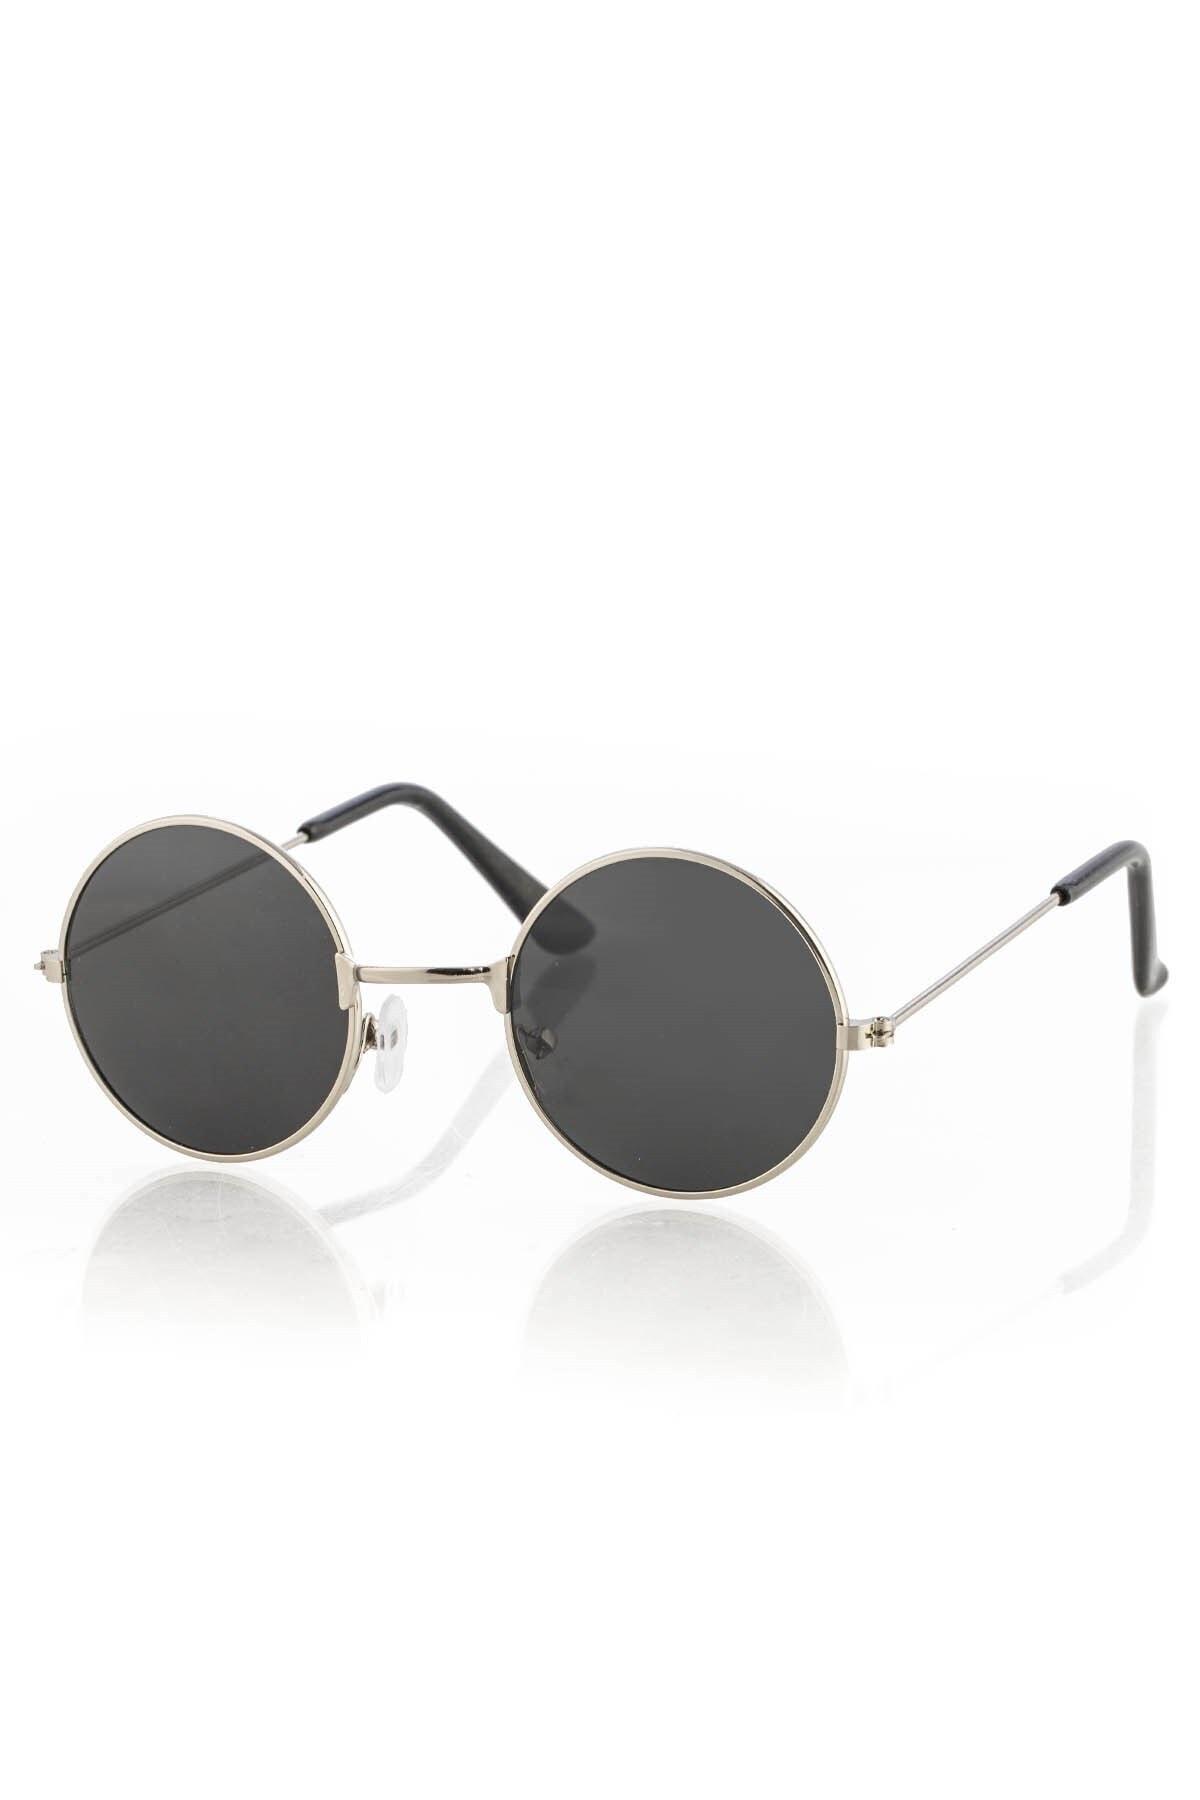 خرید پستی عینک آفتابی پسرانه پارچه  برند polo fiftyfive رنگ مشکی کد ty96555290